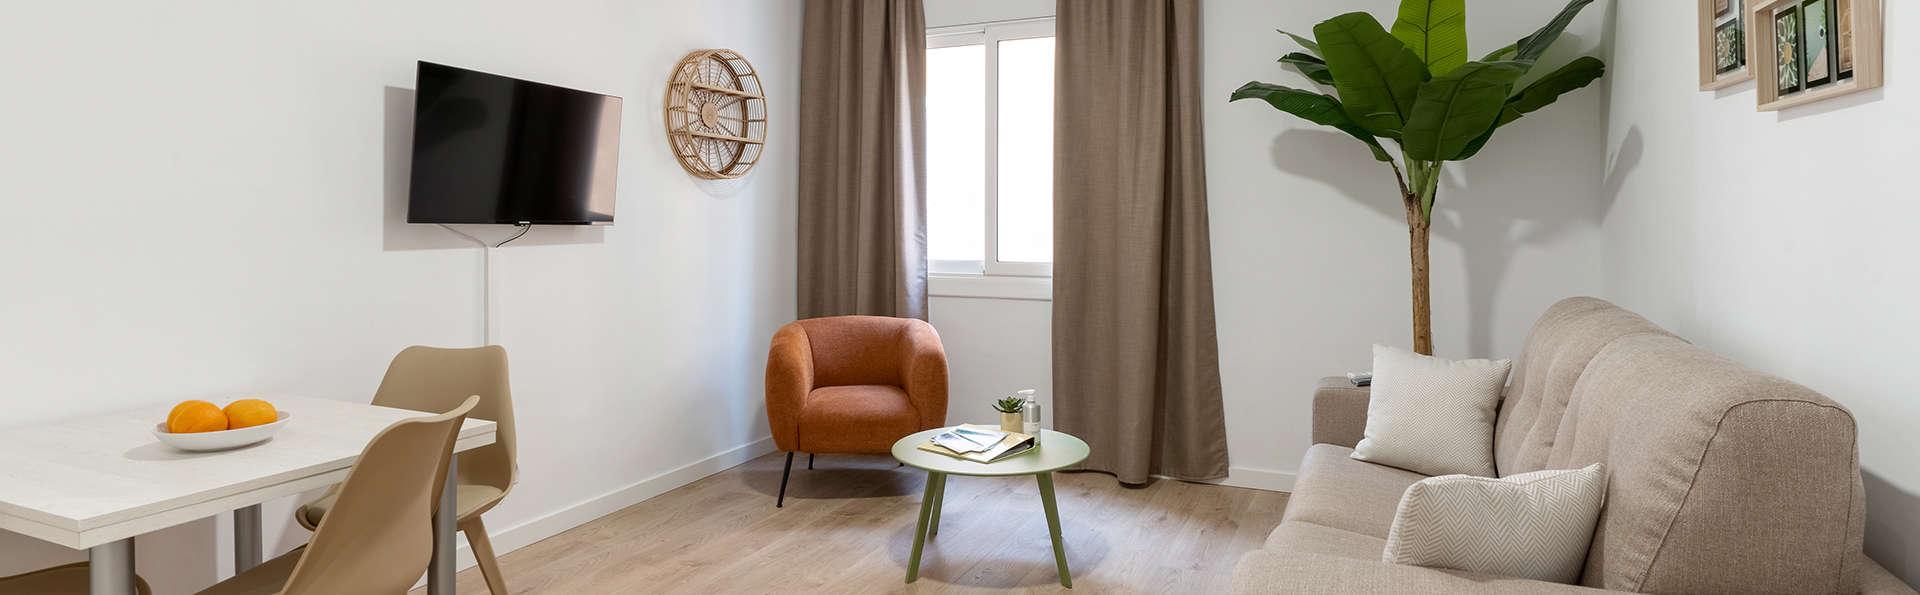 Descubre la Costa Brava en un apartamento para 4 en Lloret de mar a 5 minutos a pie de la playa